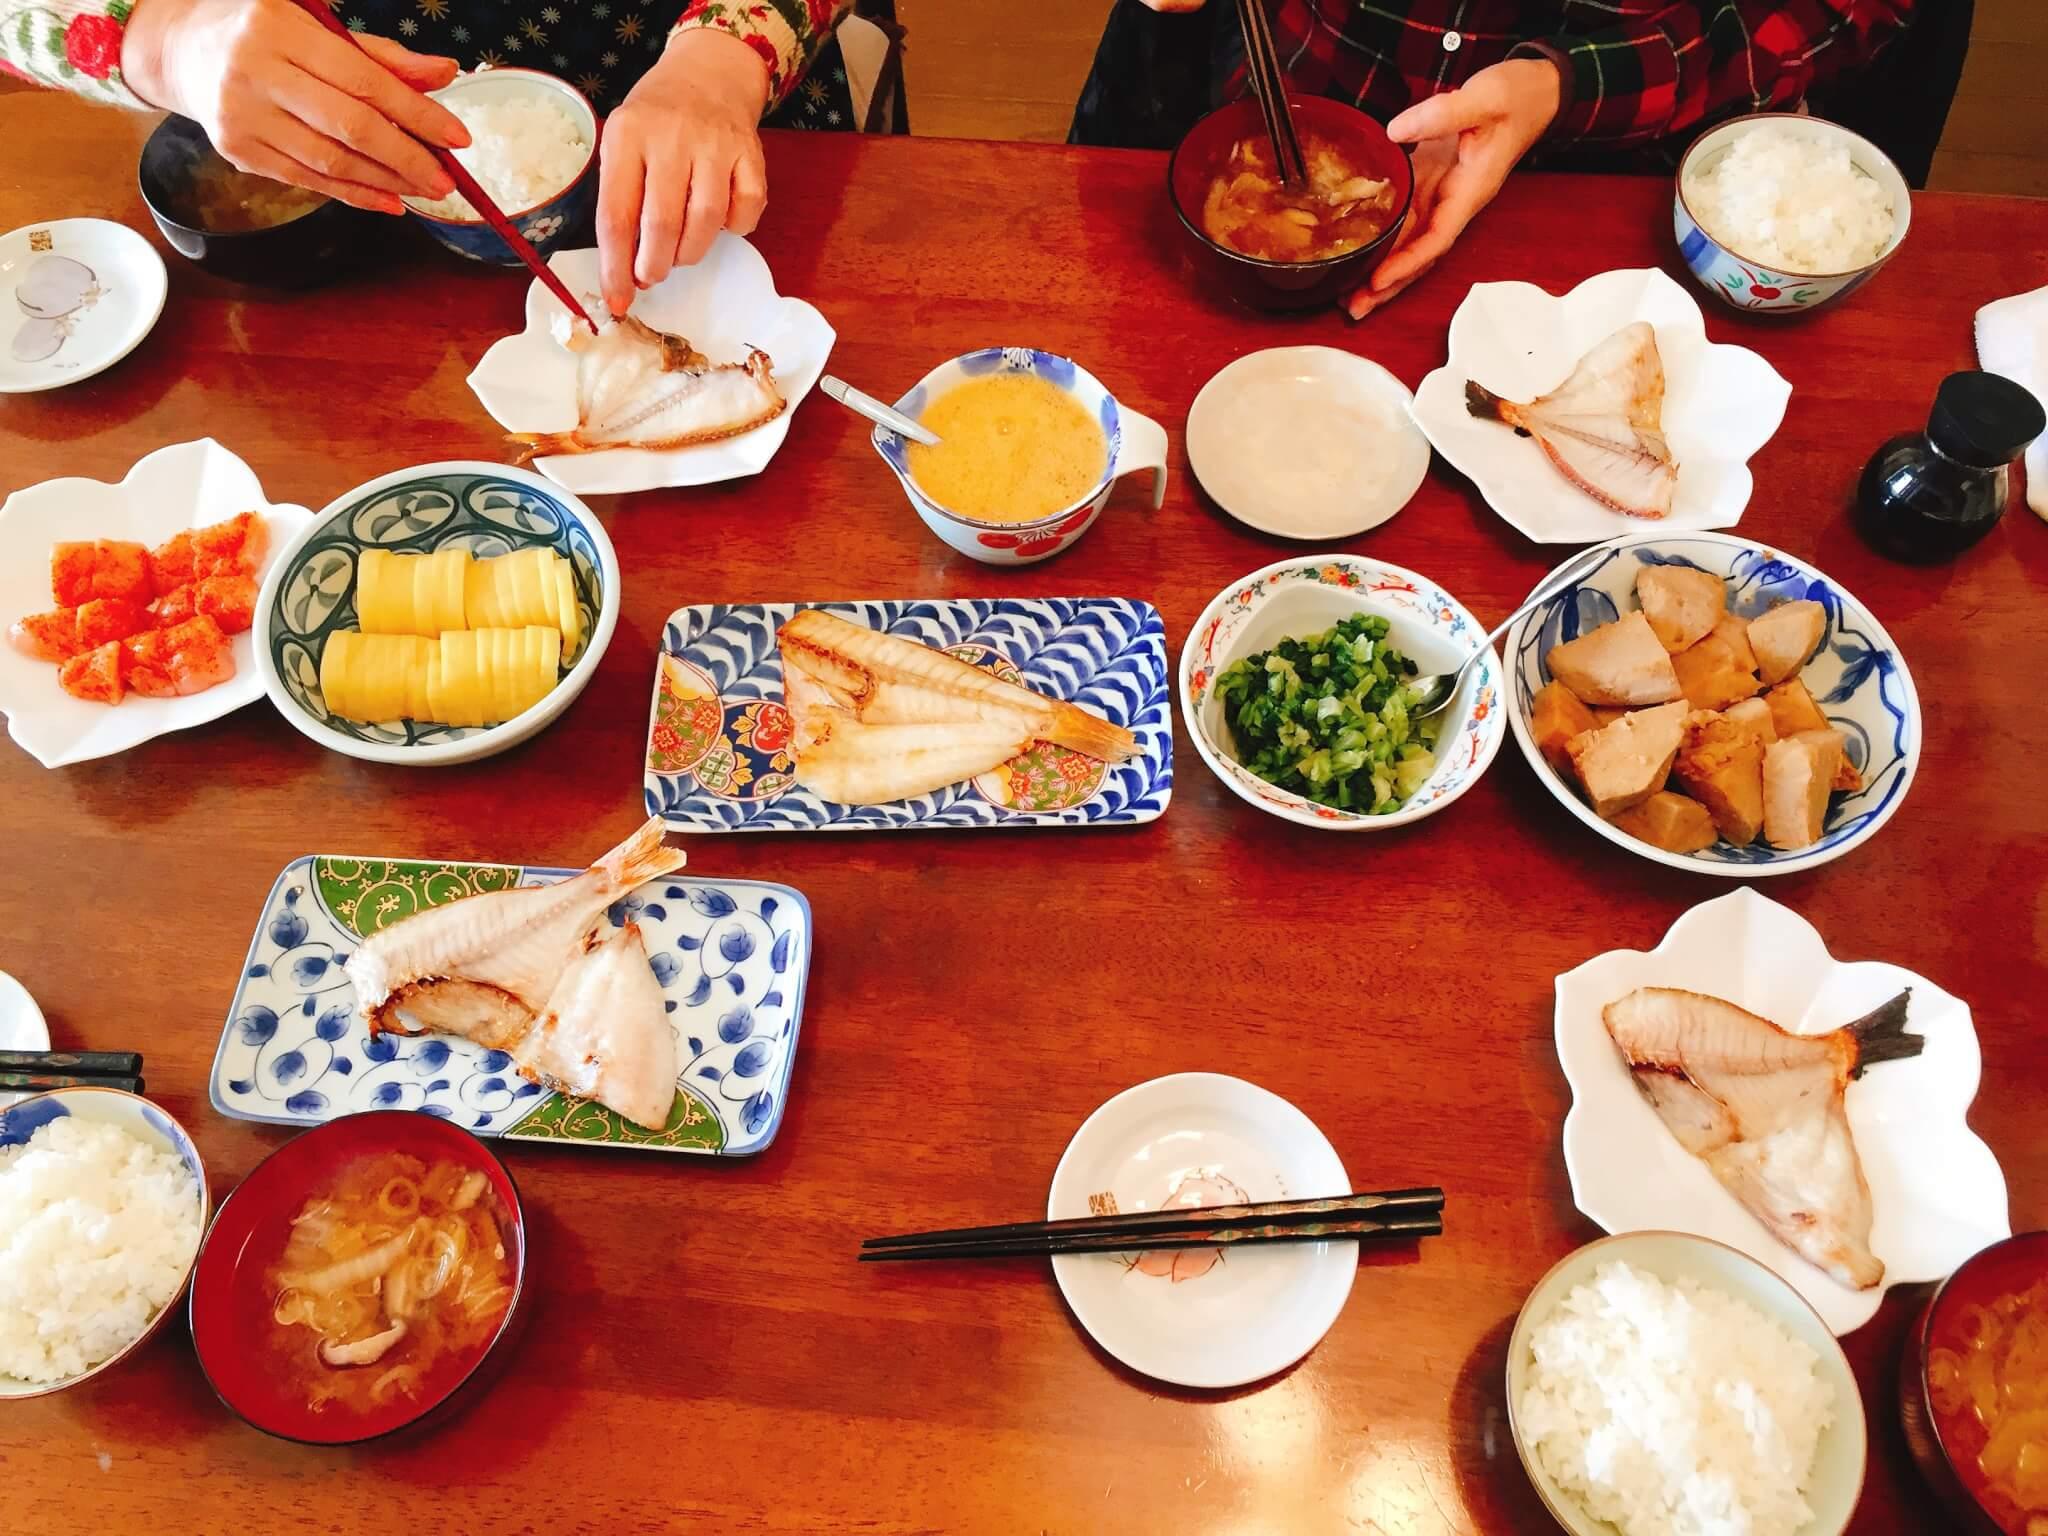 黄鯛の干物をお土産に(実家の朝食)